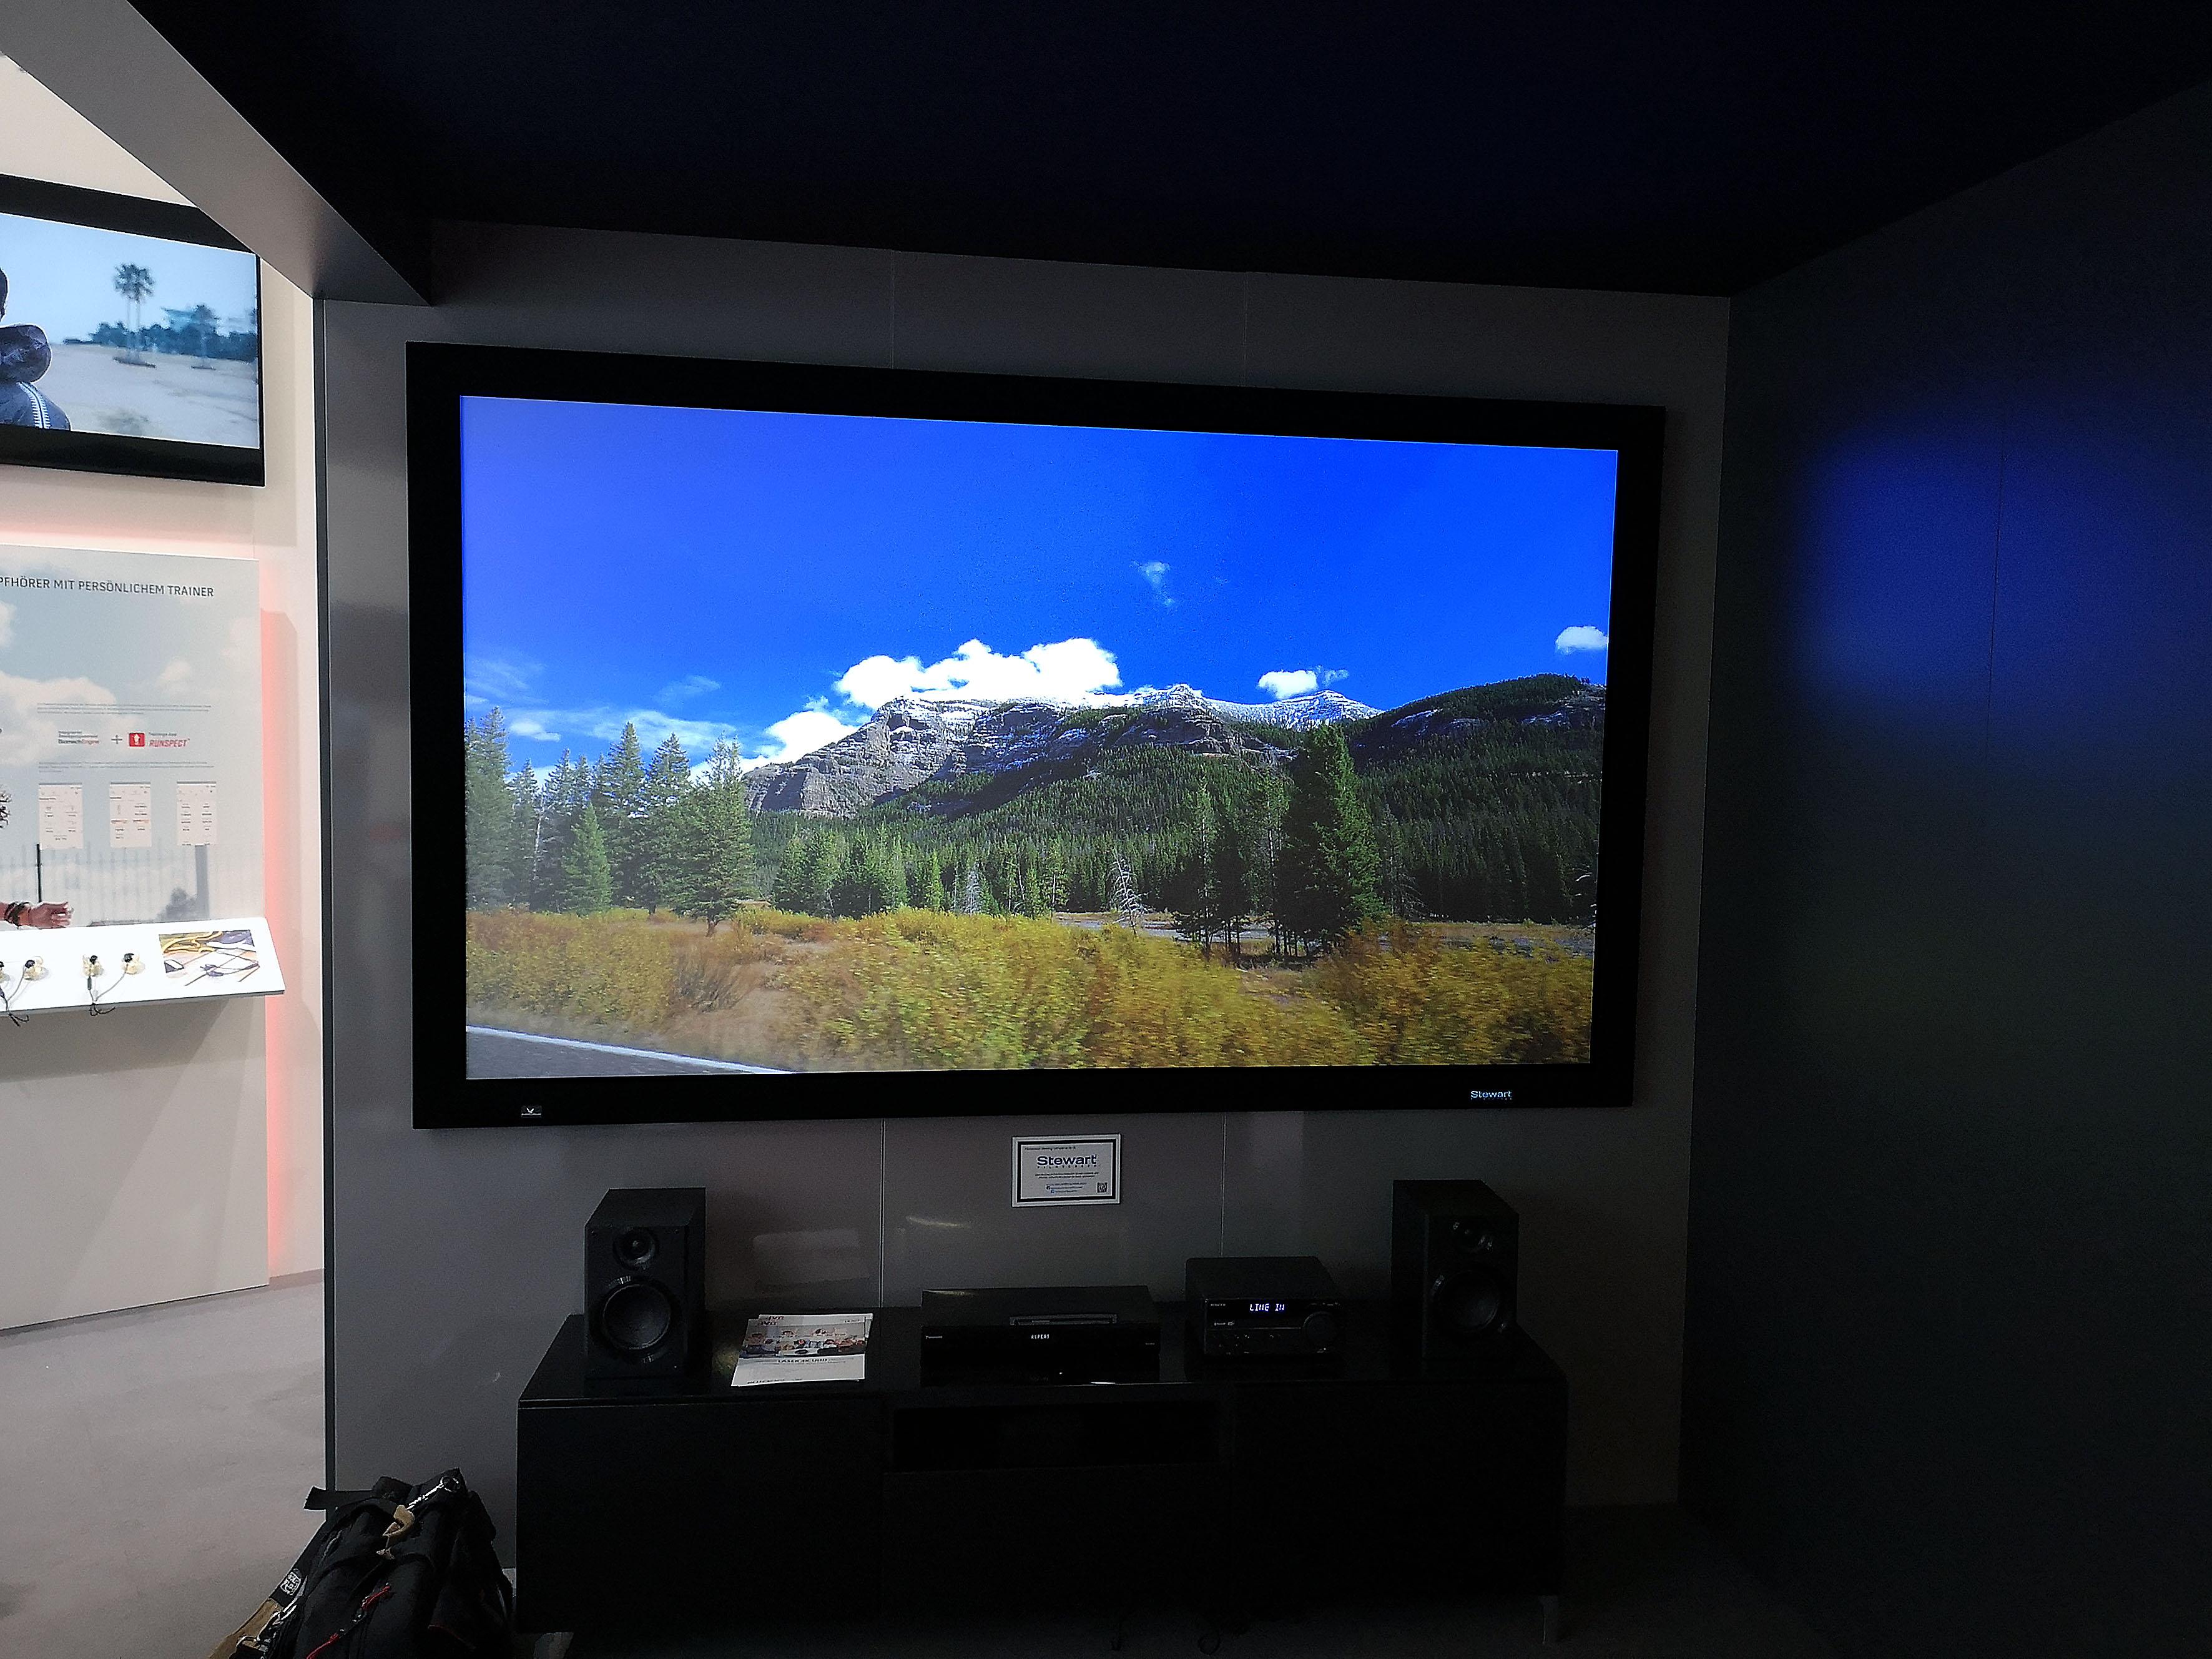 Foto: Michael B. Rehders - Das Bild des JVC LX-NZ3 sieht auf der Stewart Greyhawk fantastisch aus. Satte 3000 Lumen besitzt der Projektor laut Hersteller. Ein Test ist bereits vereinbart.